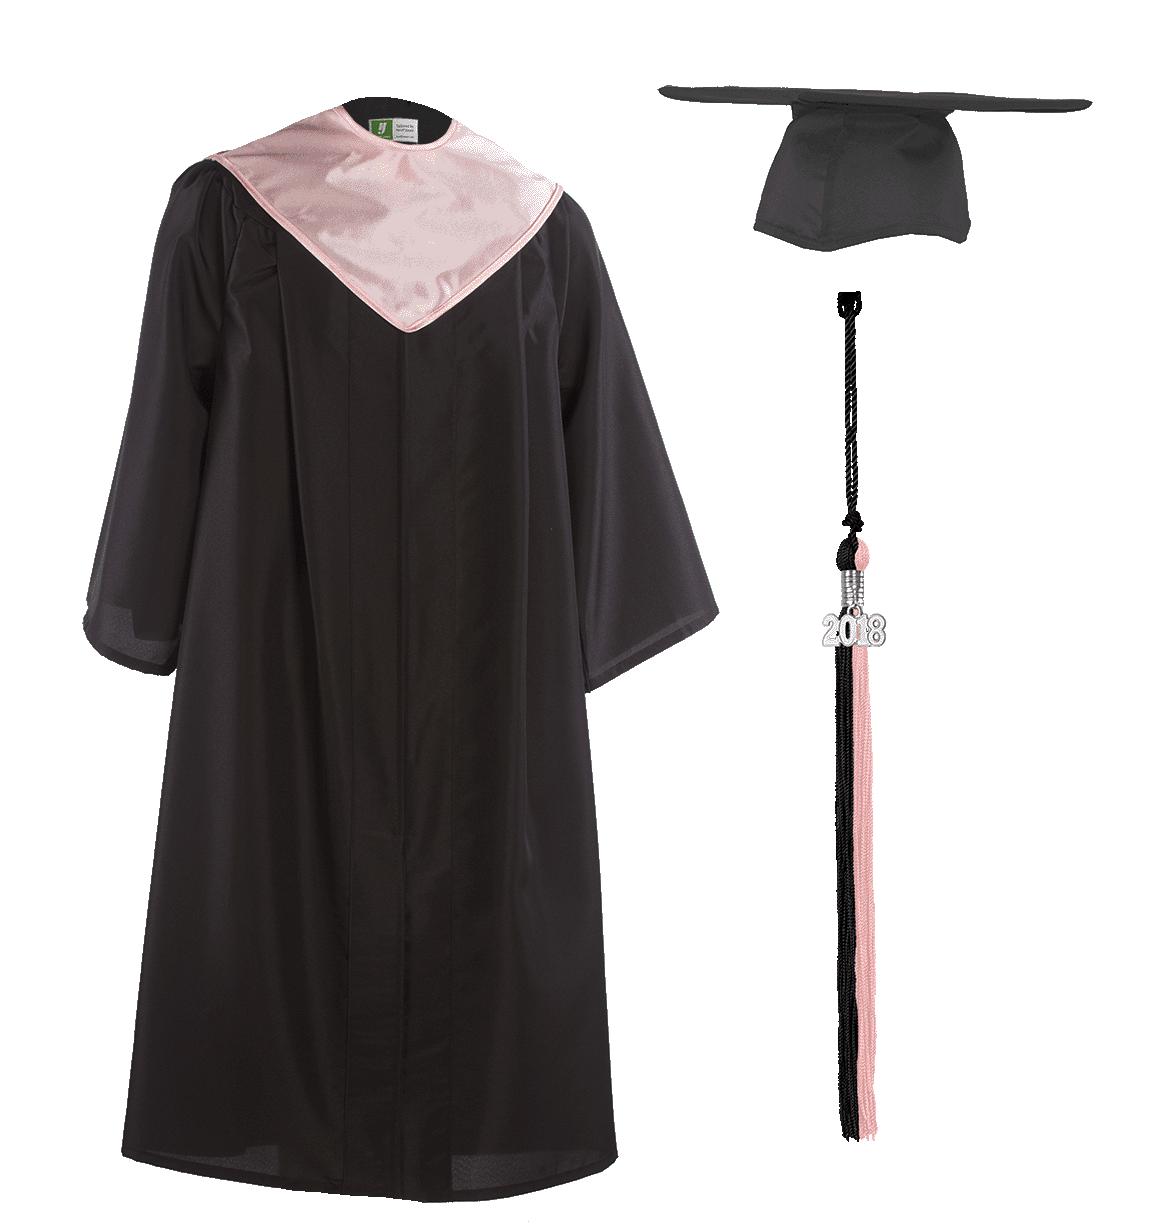 New Futures High School | Campus Specialties, Inc. - Herff Jones ...